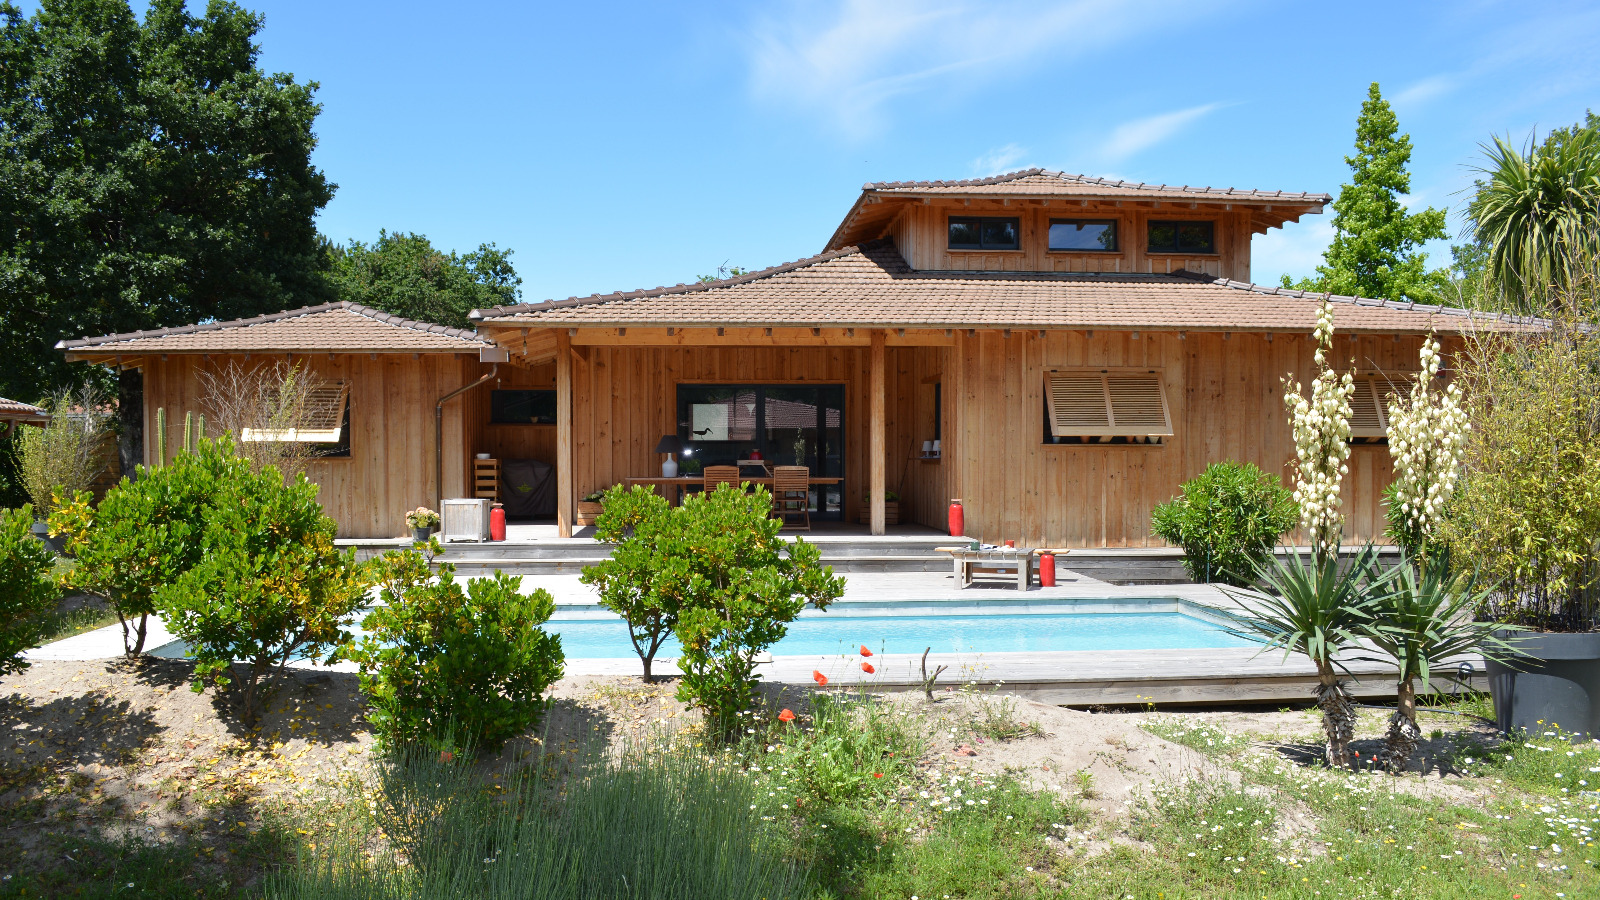 L ge cap ferret centre village maison en bois avec piscine immo prestige - Maison bois cap ferret ...